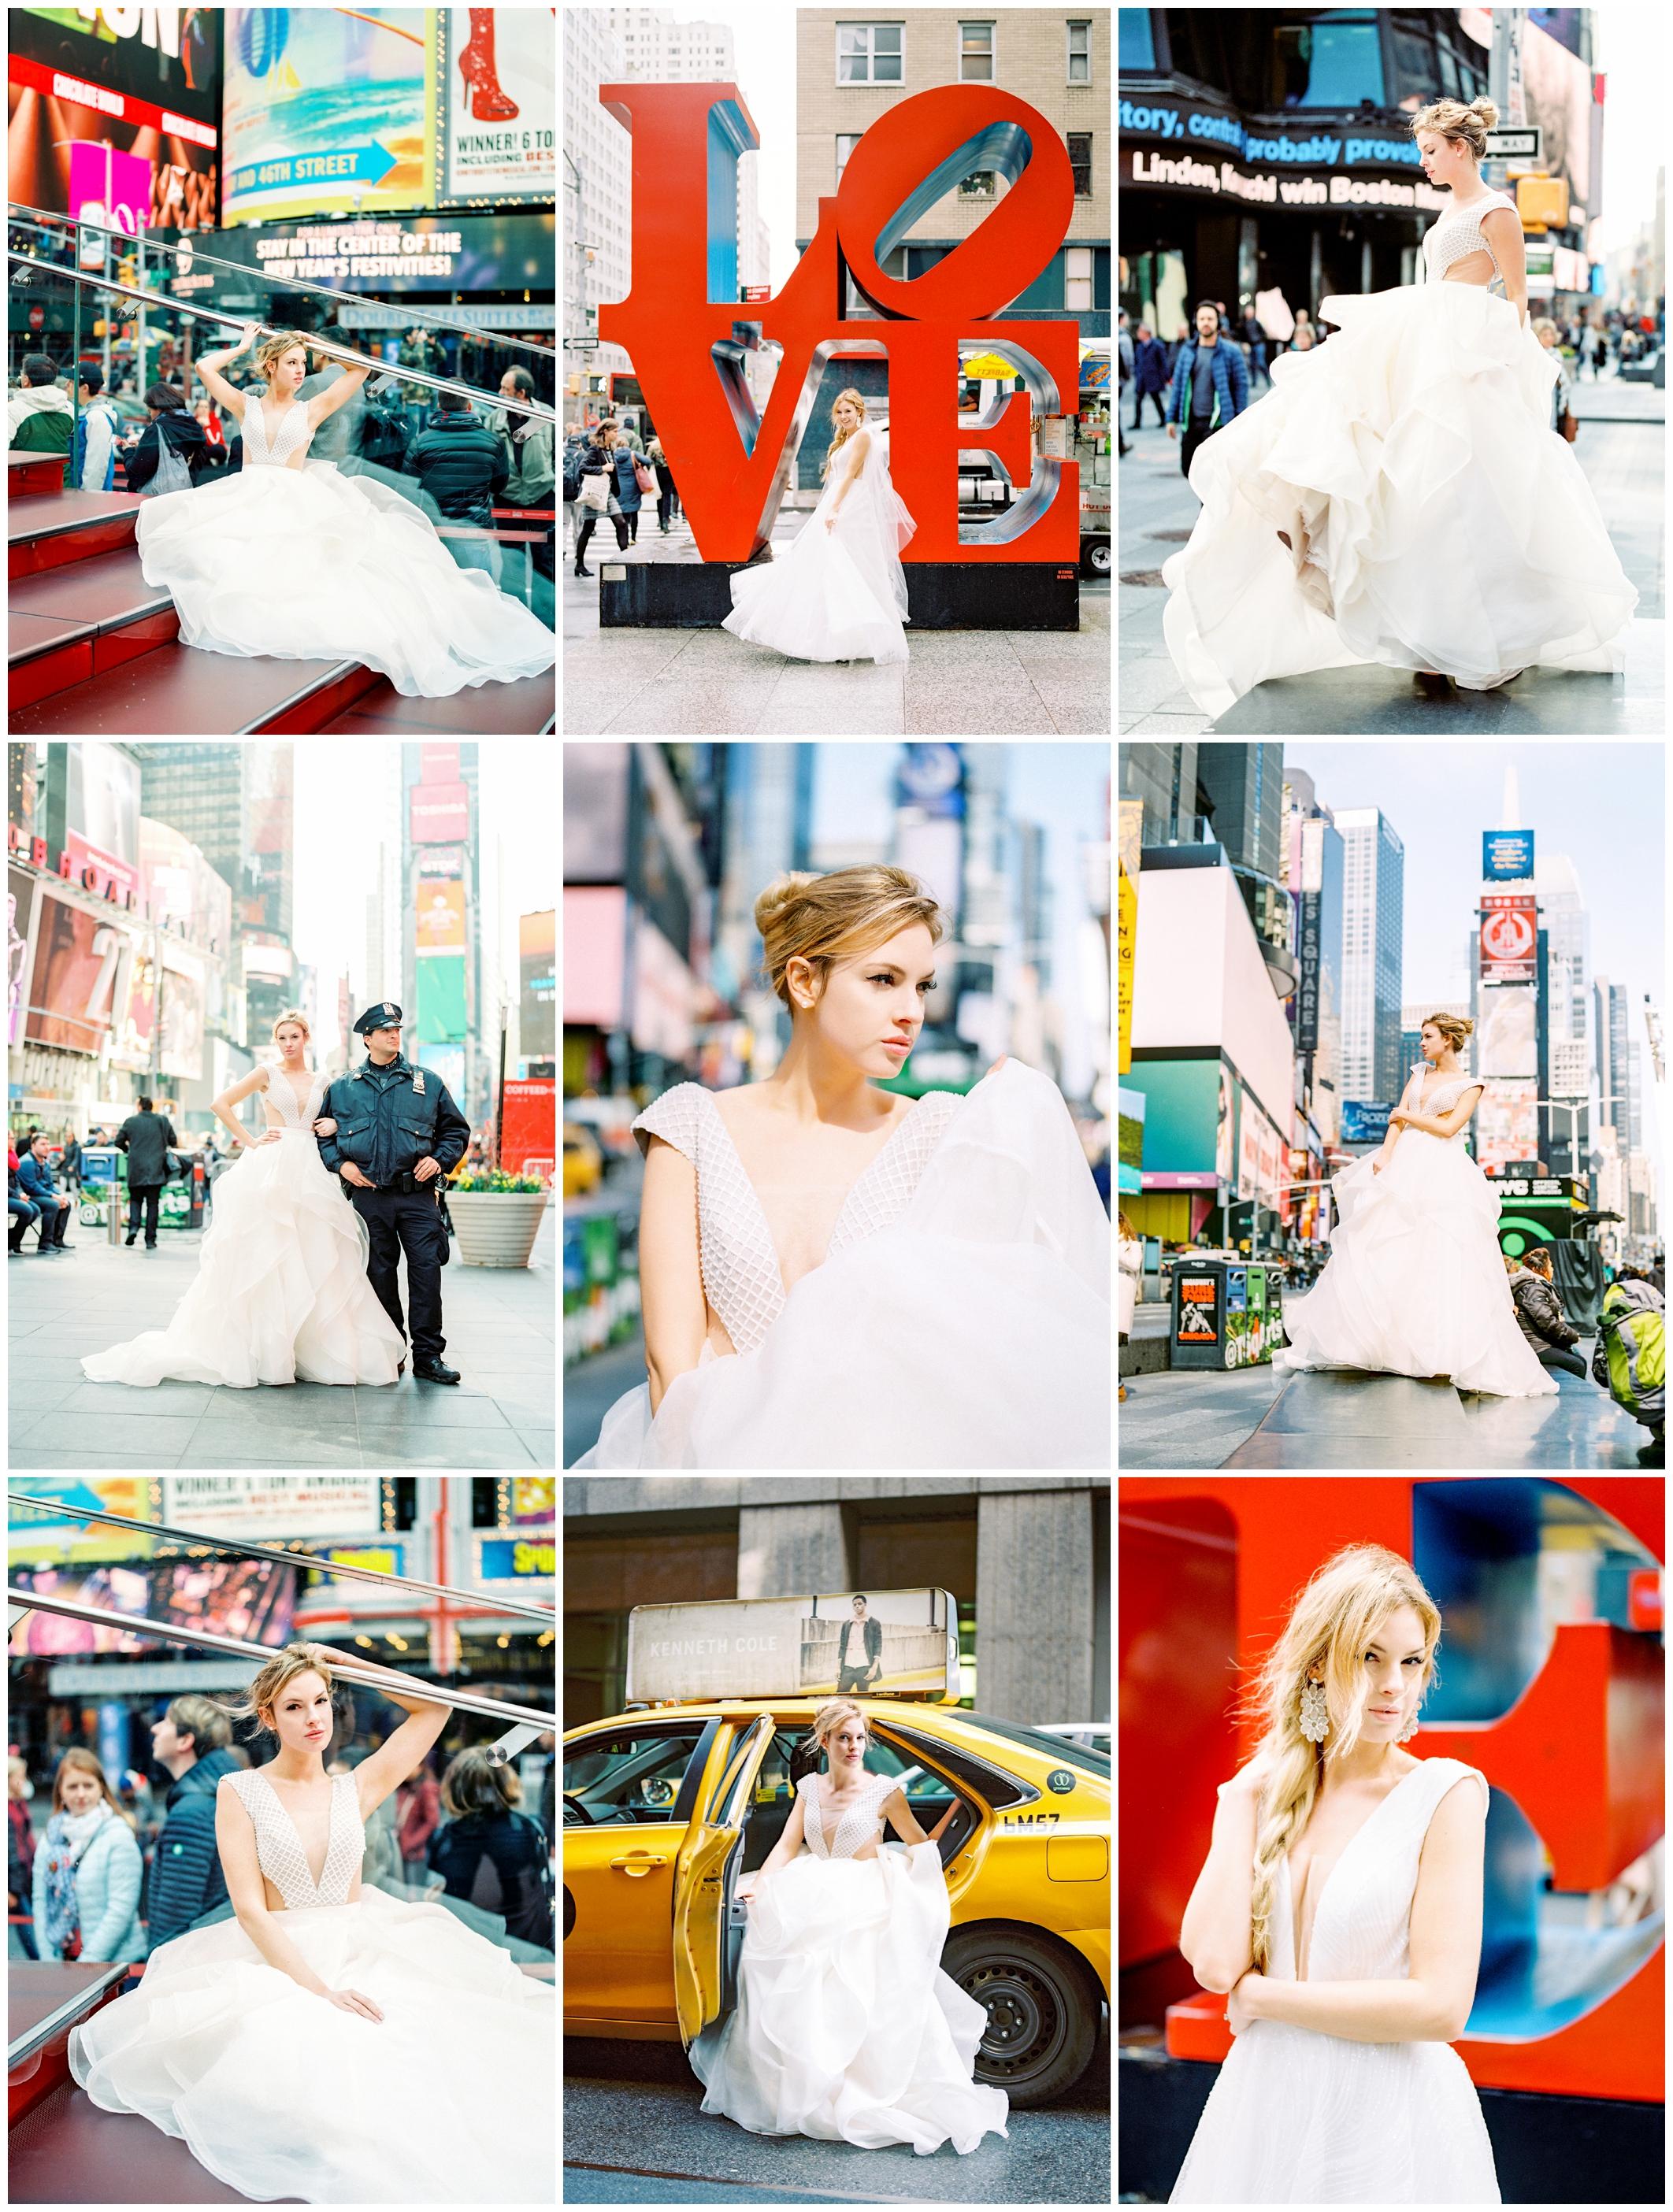 photoshoot for Olia Zavozina in Times Square